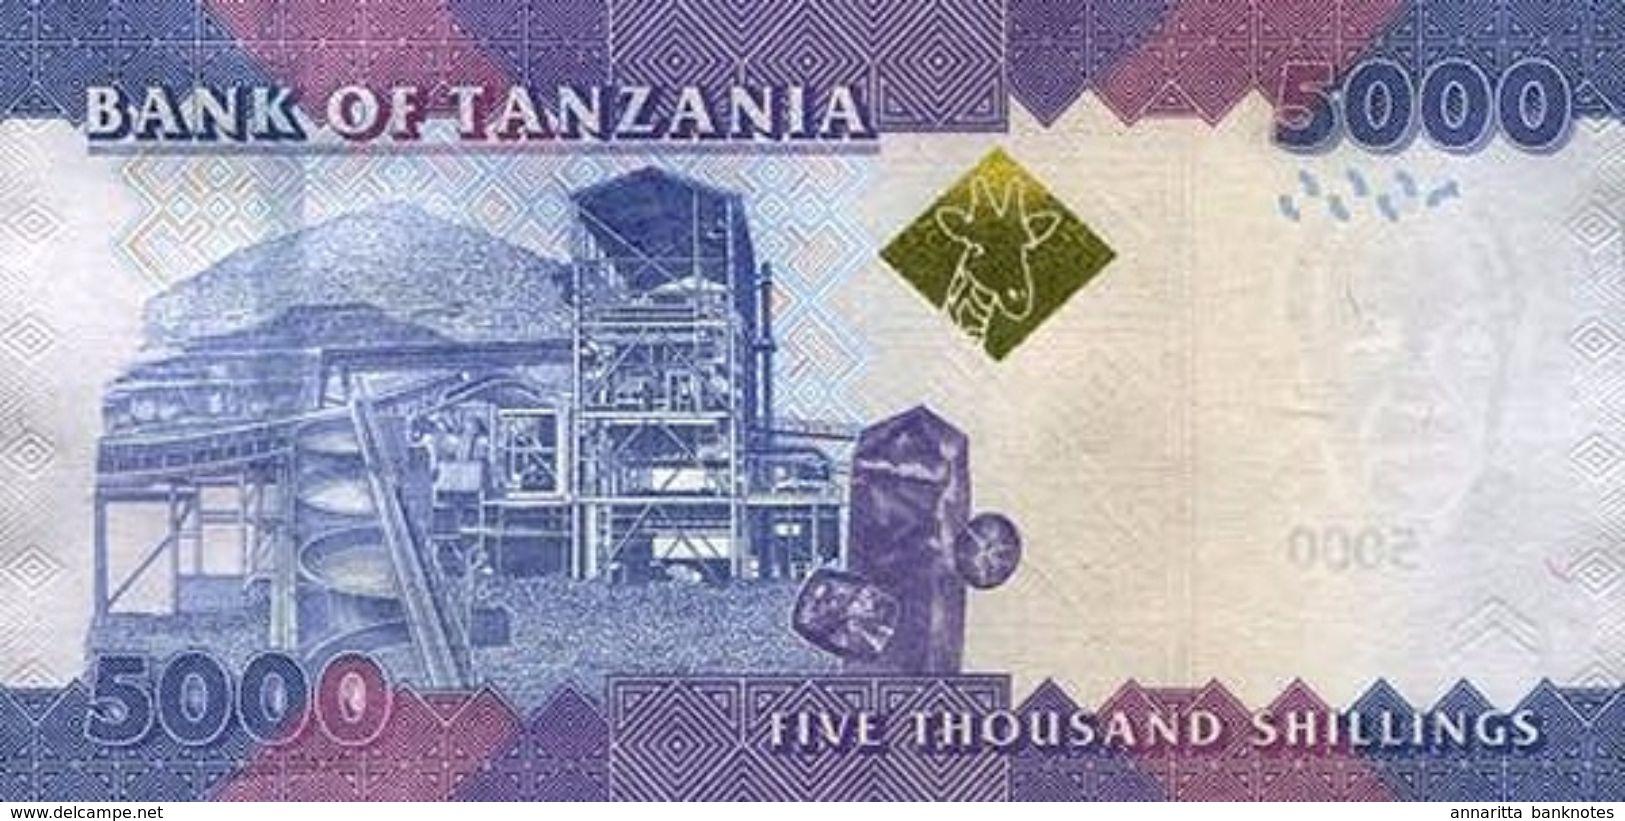 TANZANIA 5000 SHILLINGS ND (2015) P-43b UNC SIGN. UNKNOWN & NDULU [TZ142b] - Tanzania